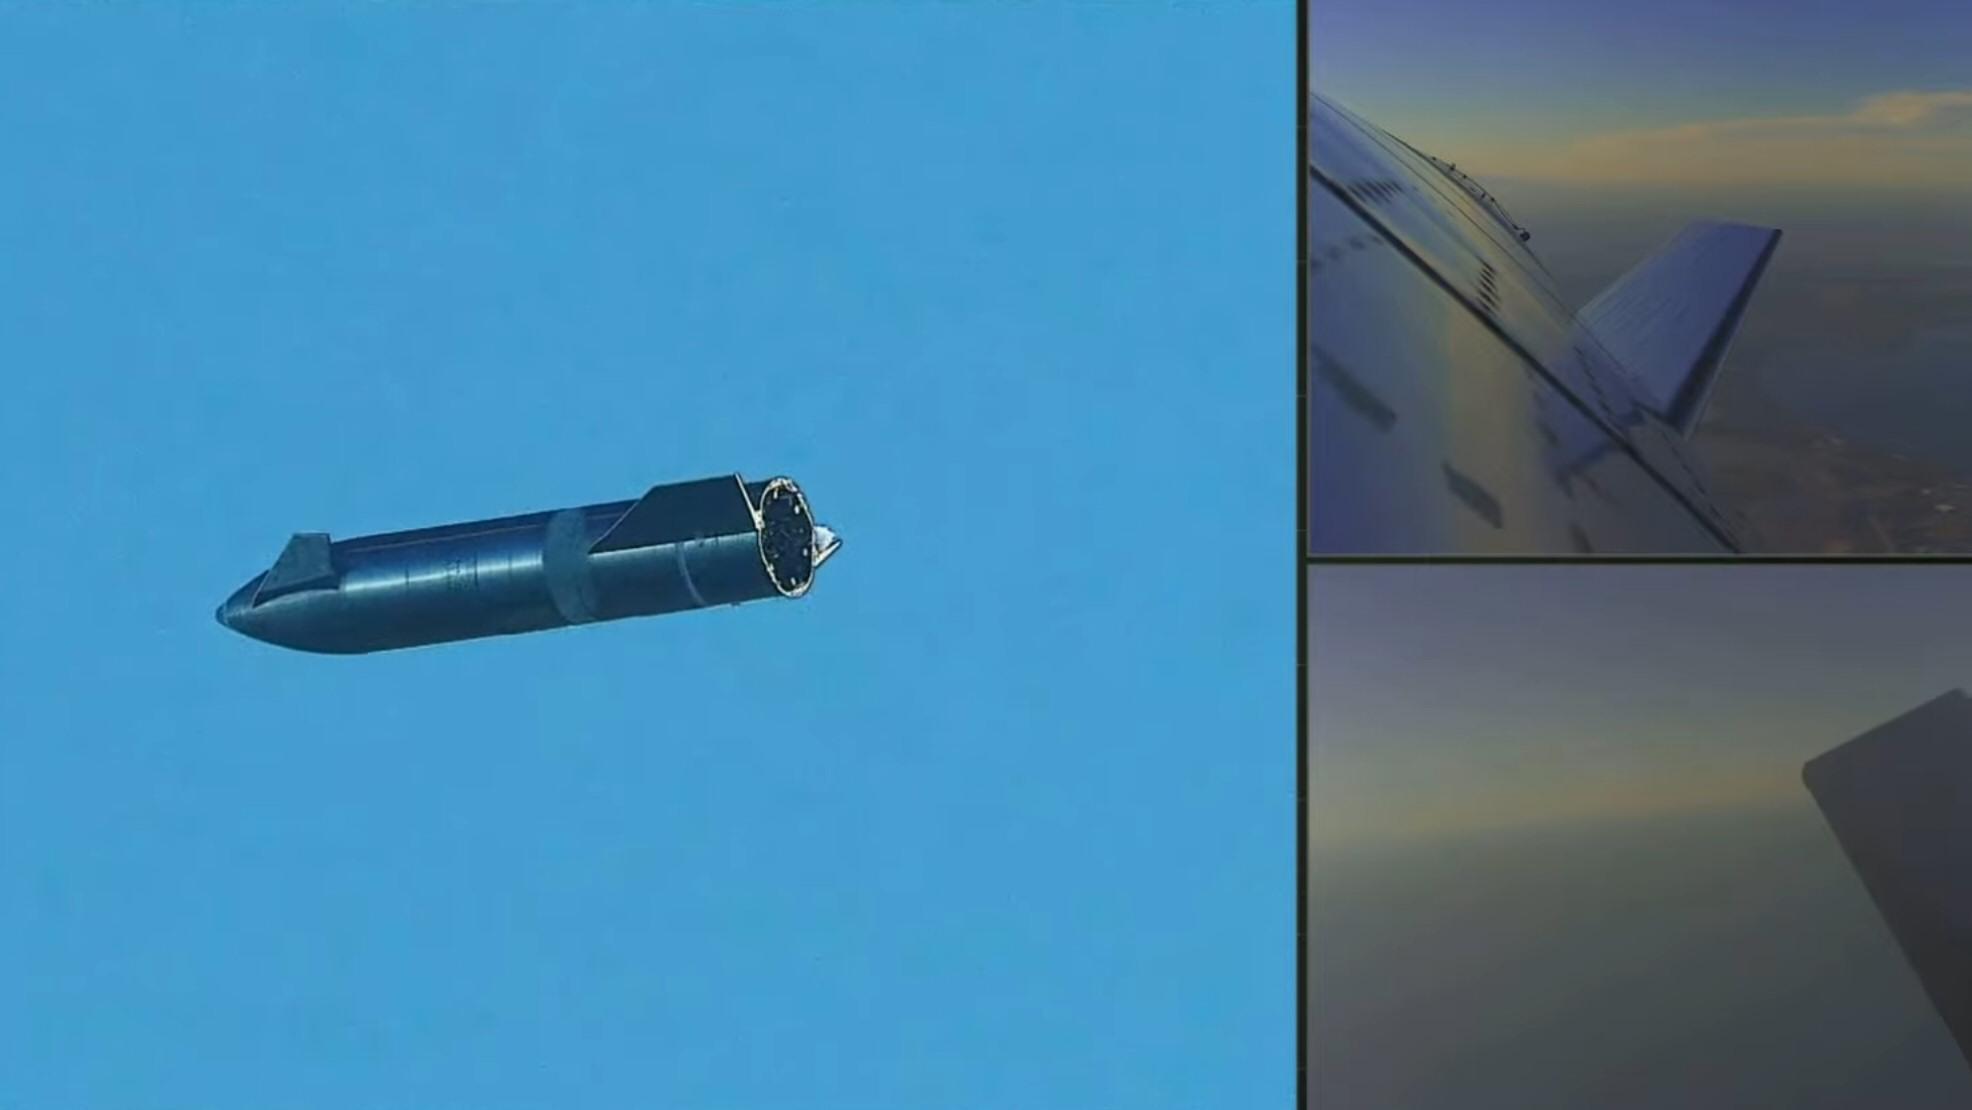 Starship-prototypen i fritt fall. Dette er altså en rakett som ikke stuper, men bruker «kroppen» og finnene til å bremse og styre.